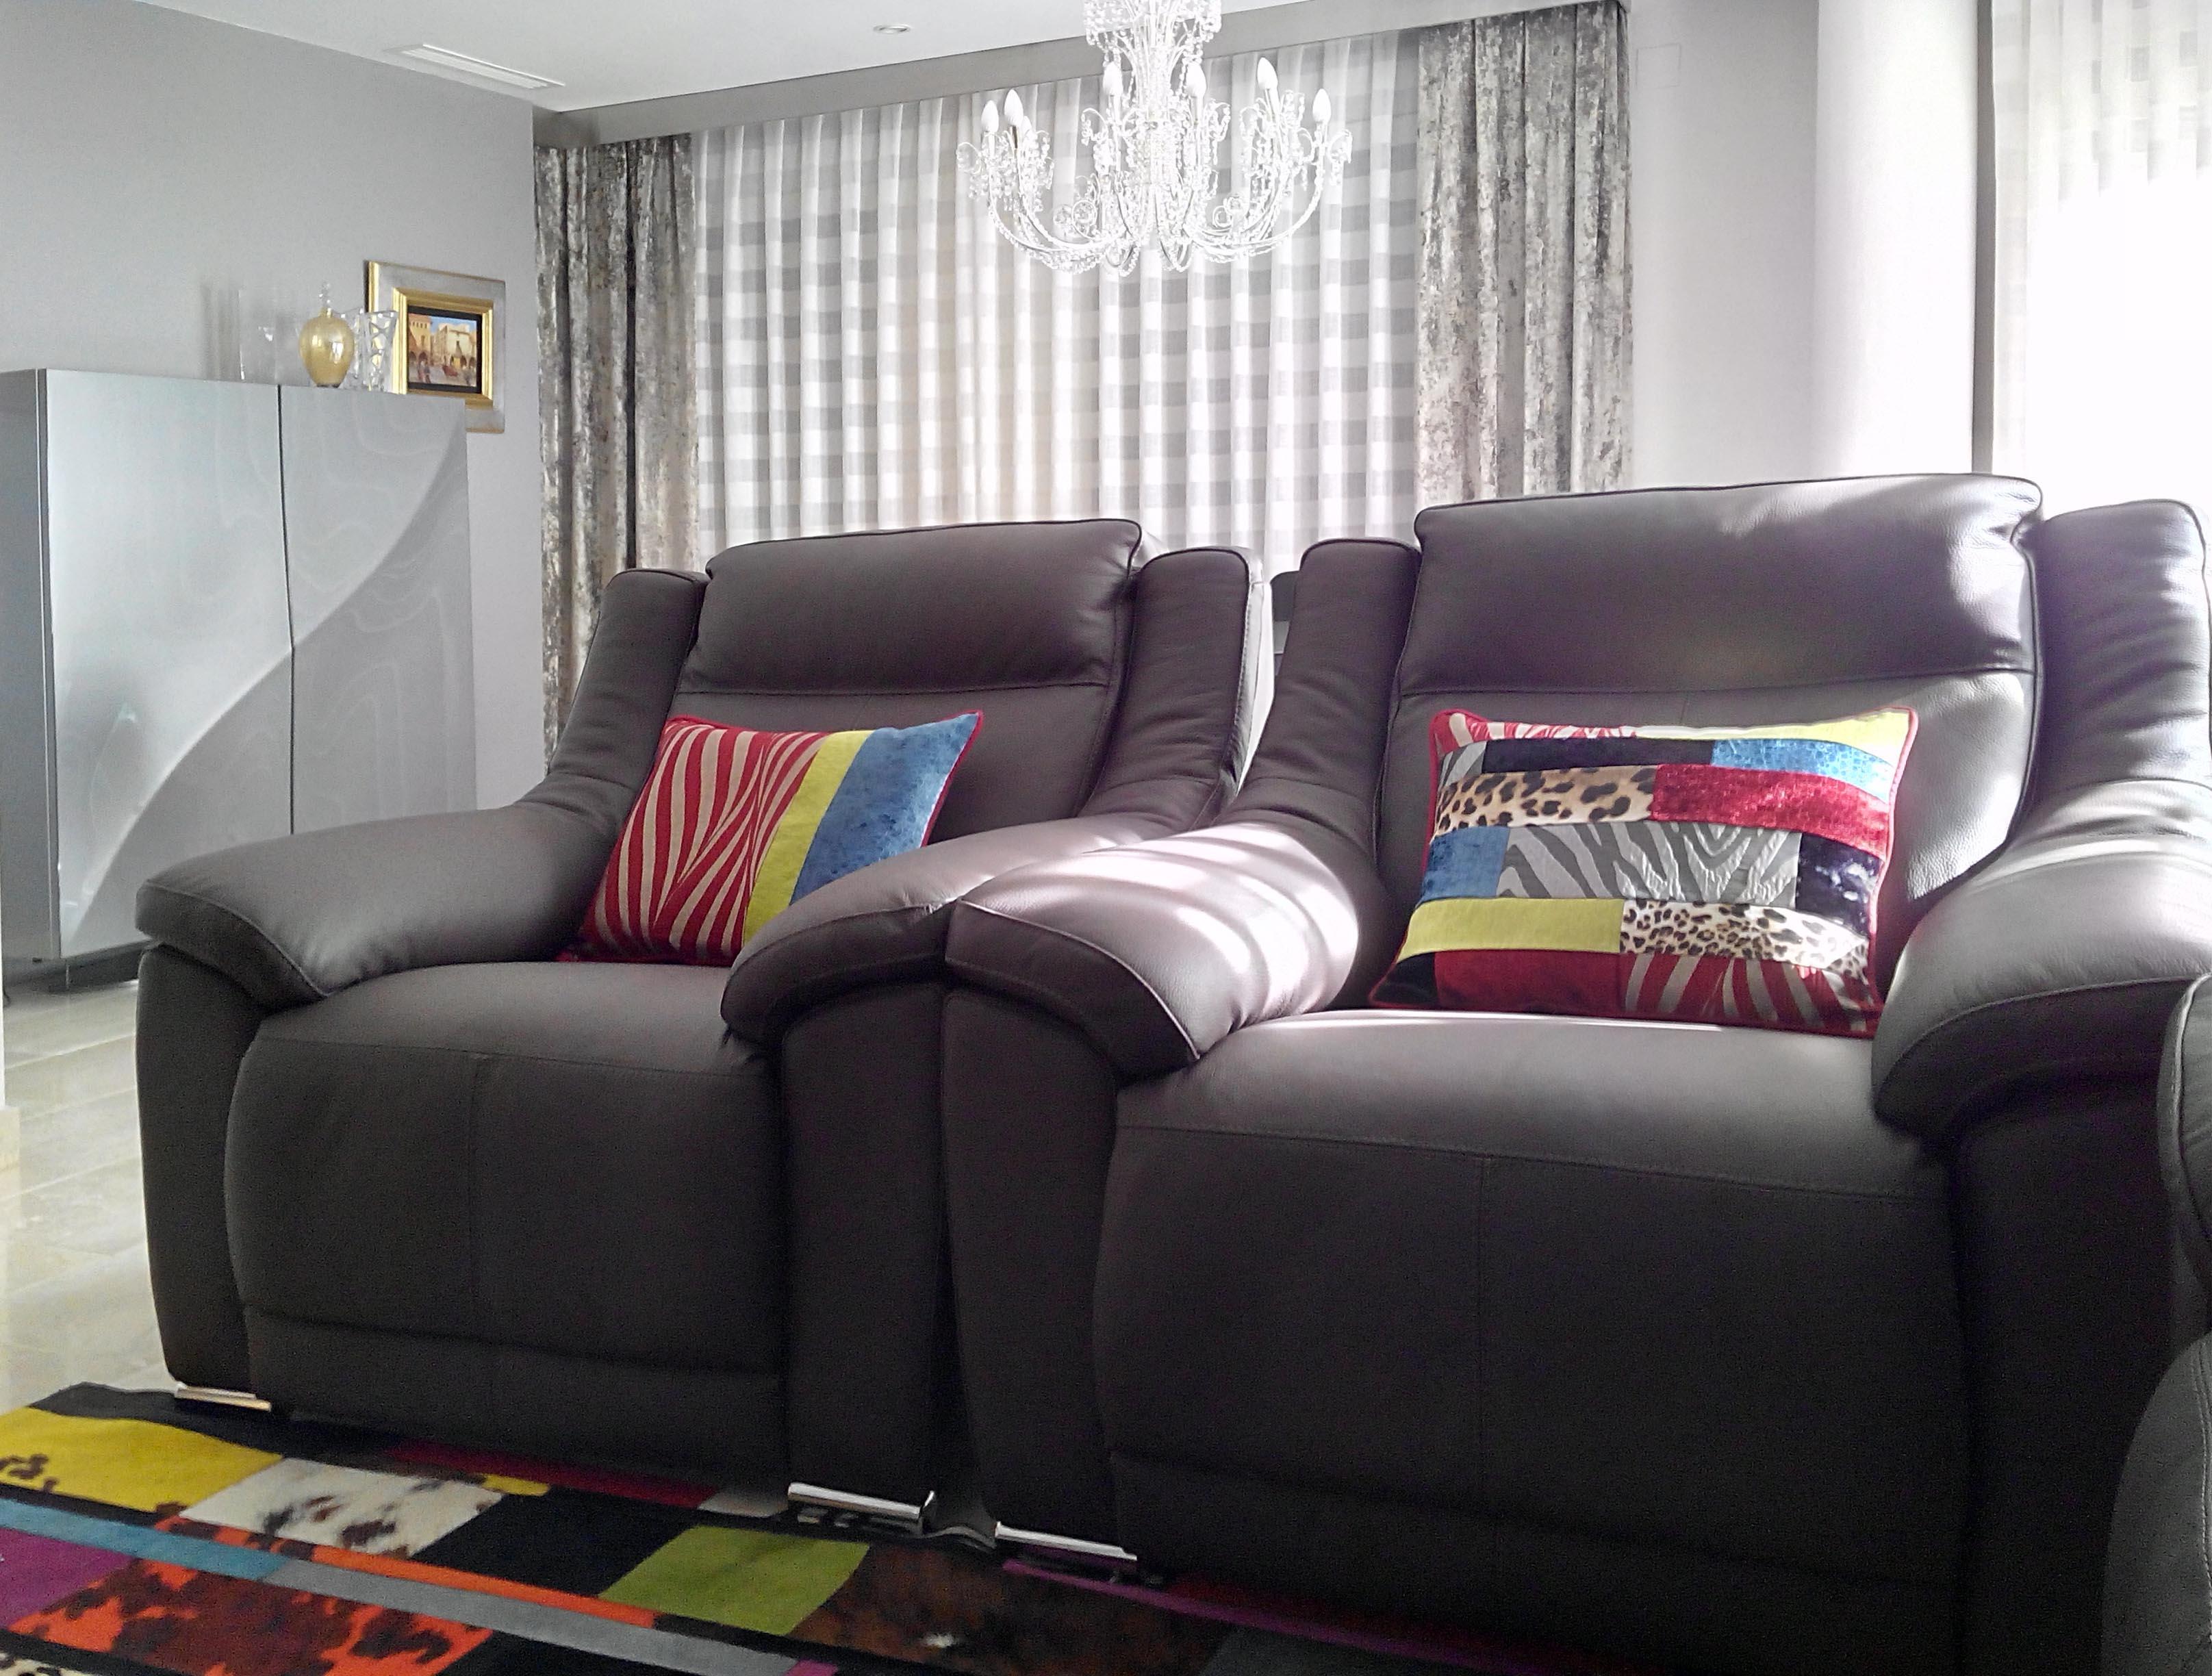 Preciosos cojines para un sof gris villalba interiorismo - Cojines para sillones ...